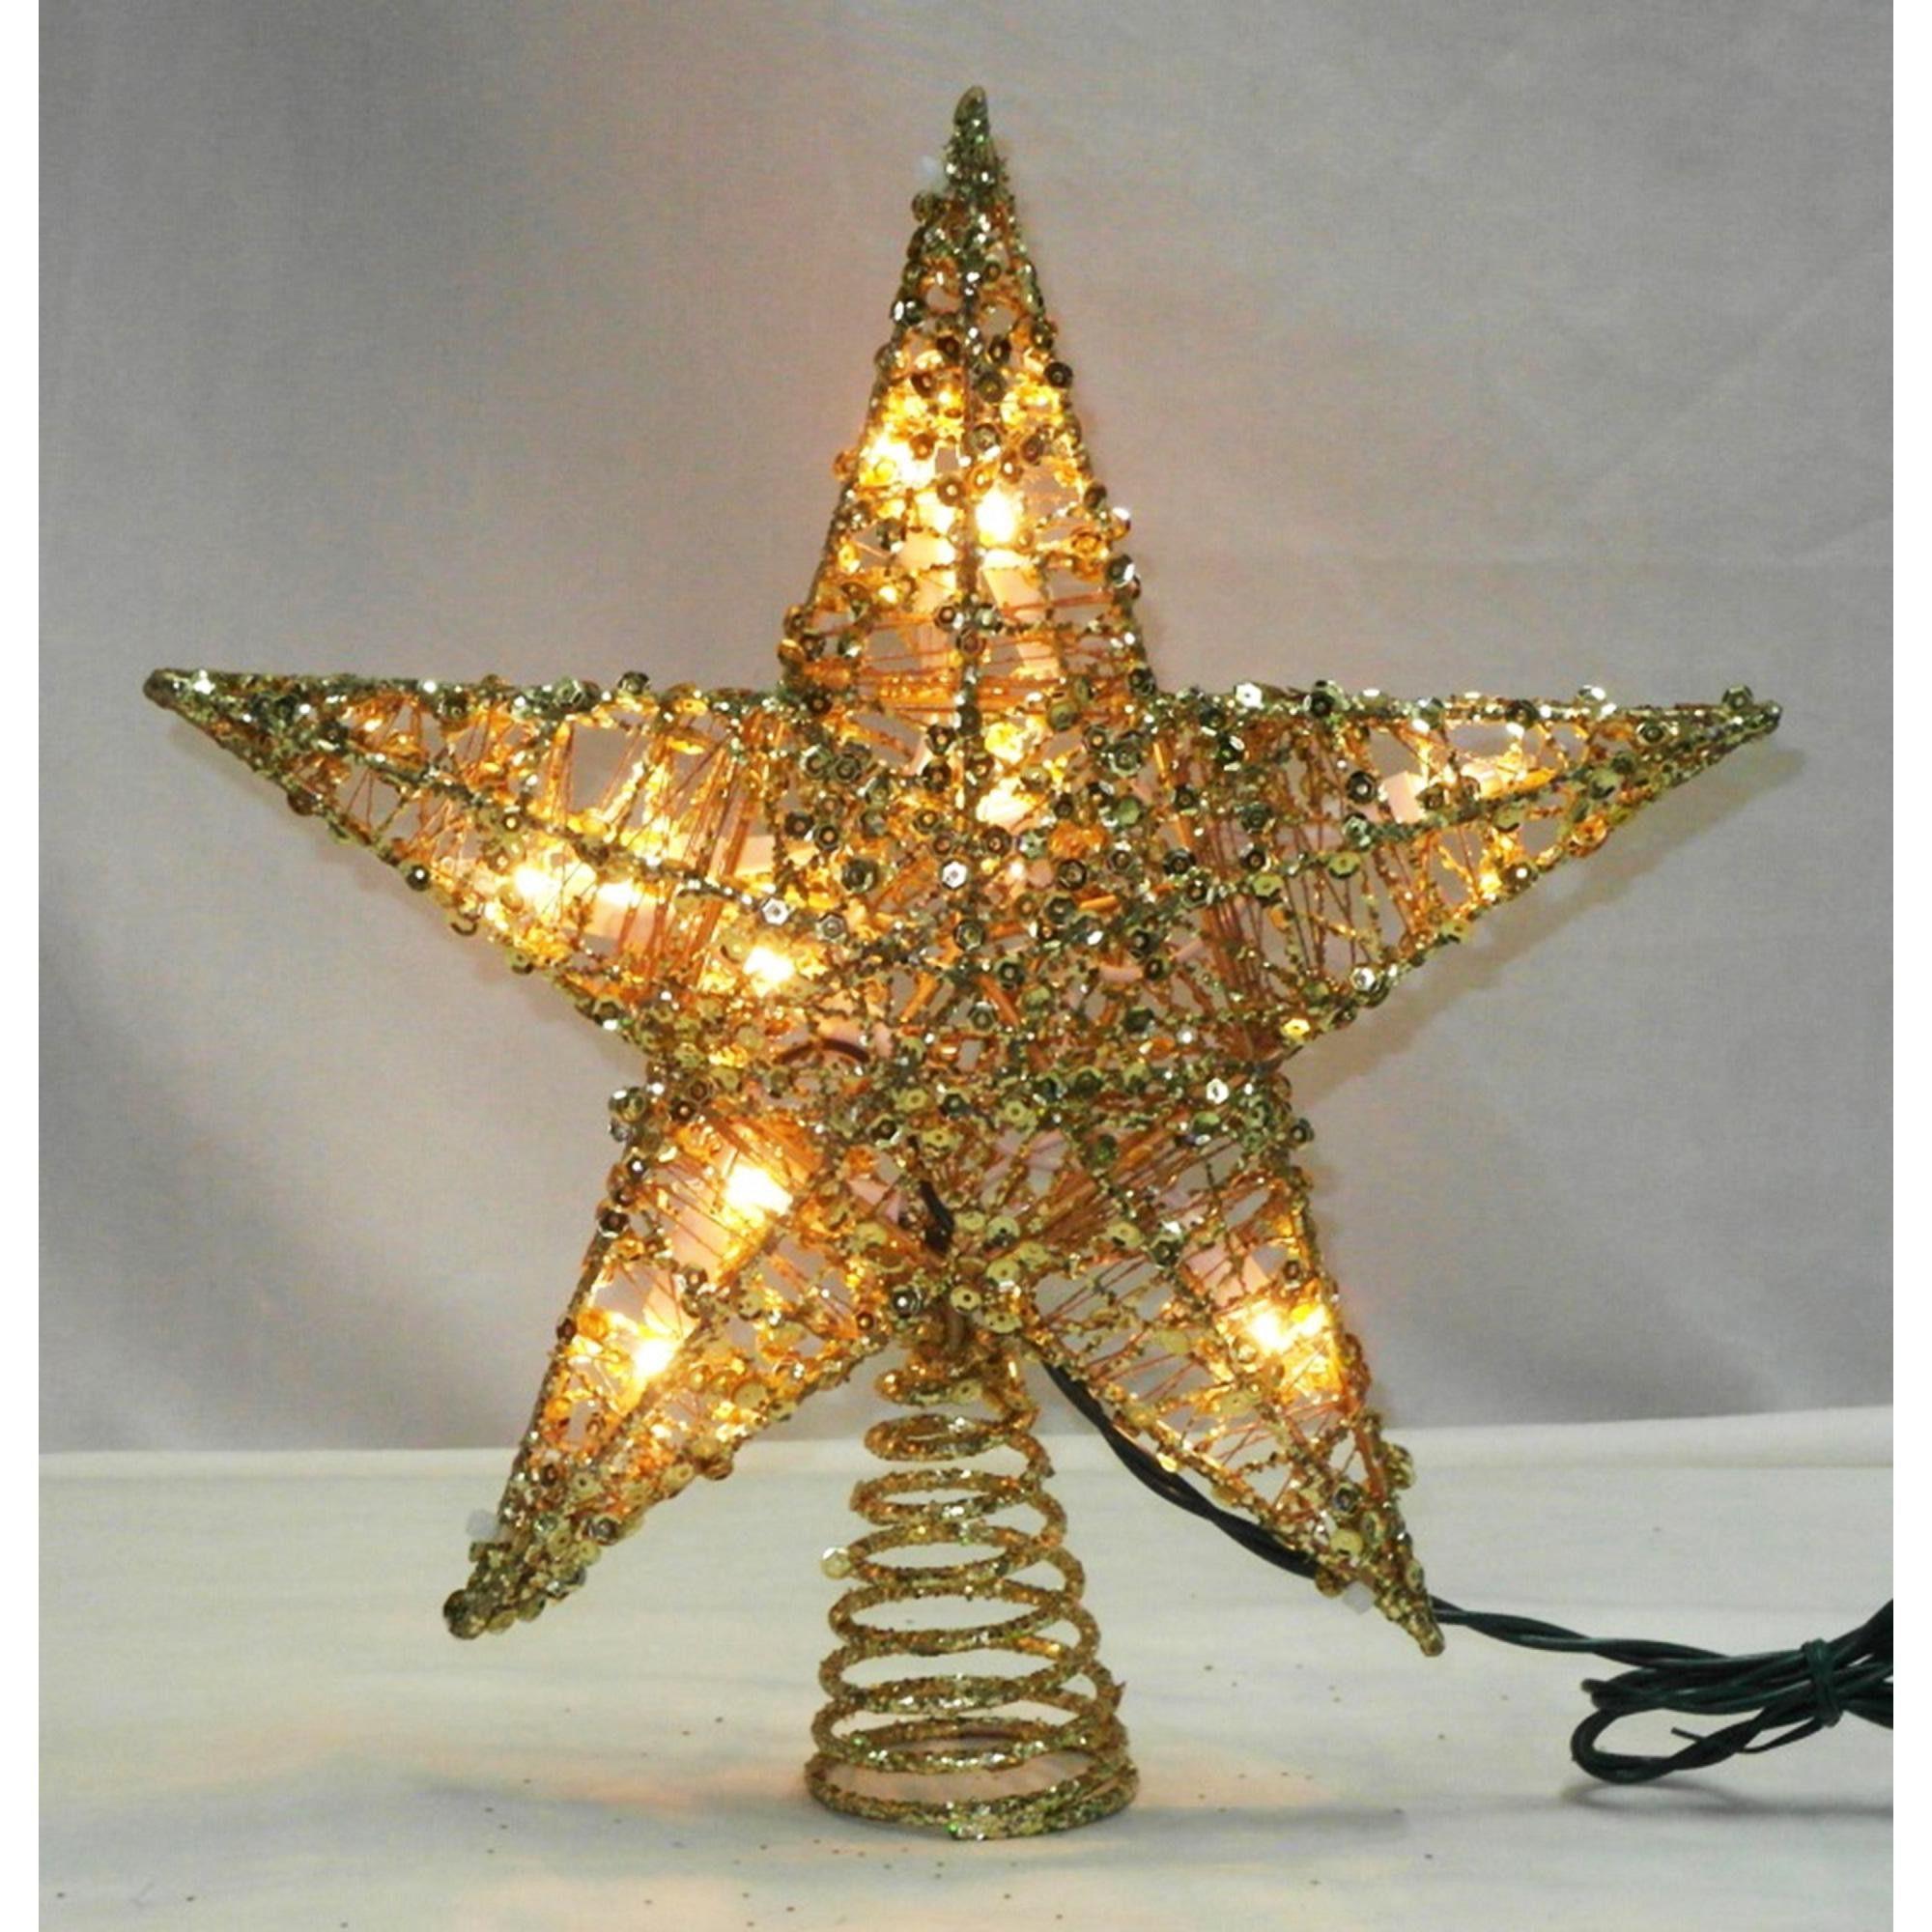 Northlight 12 Lighted Glittering Gold Christmas Star Tree